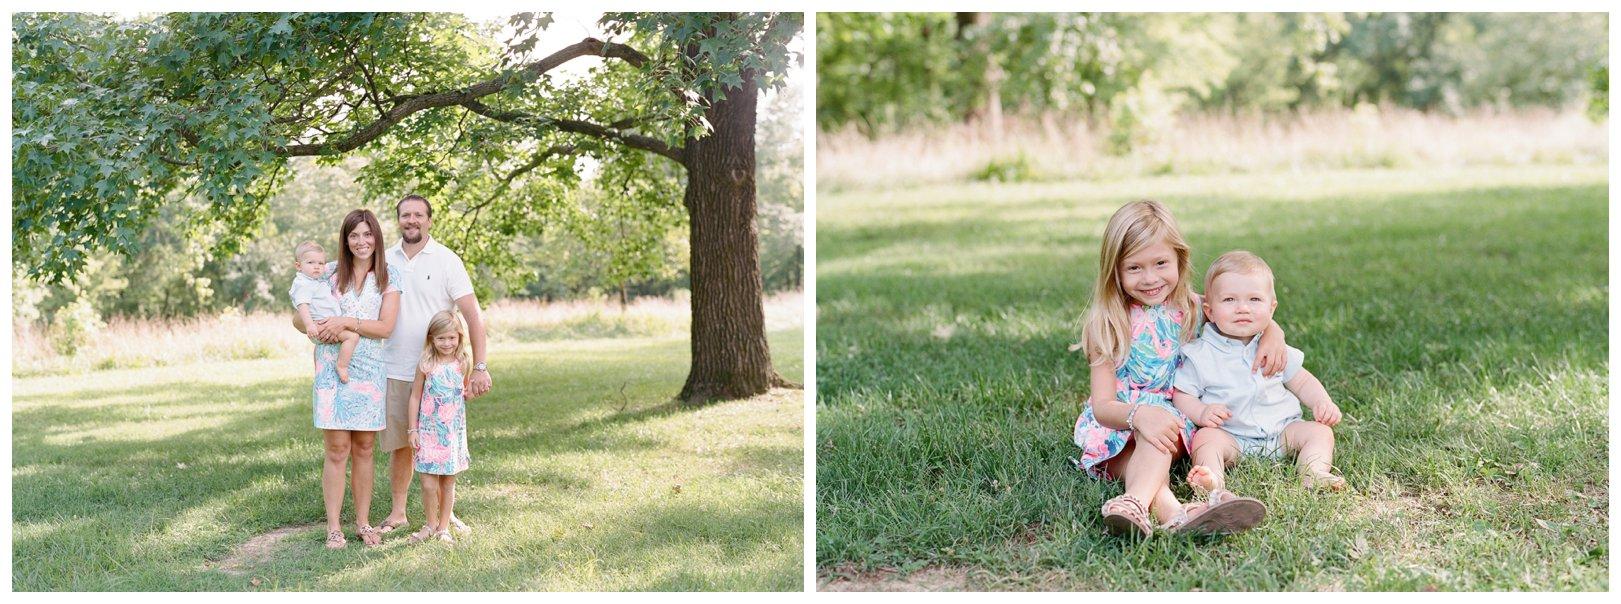 lauren muckler photography_fine art film wedding photography_st louis_photography_3565.jpg